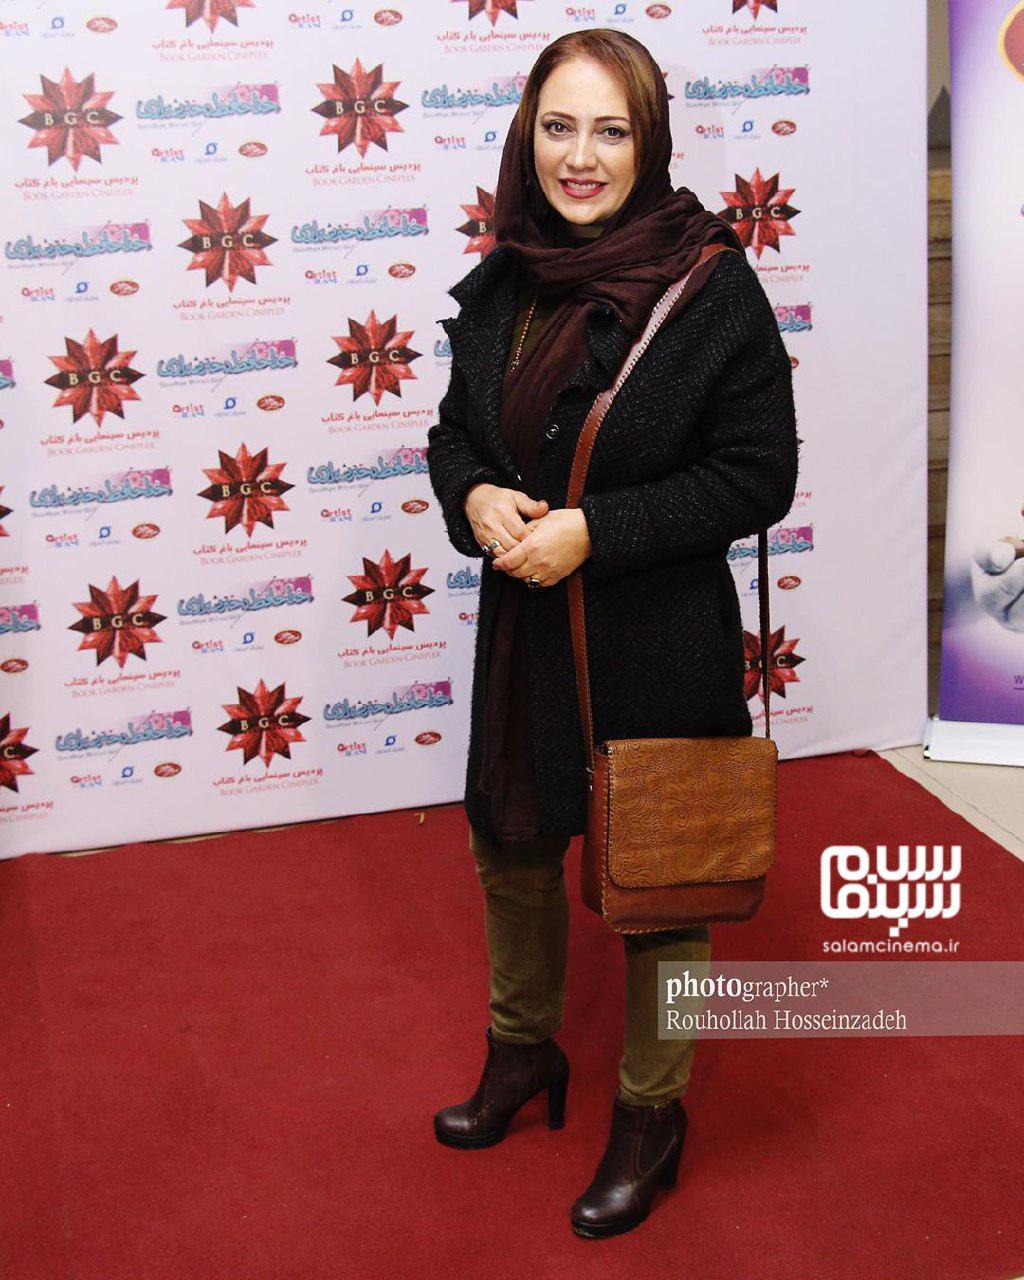 شیرین بینا - اکران خصوصی فیلم «خداحافظ دختر شیرازی»-گزارش تصویری